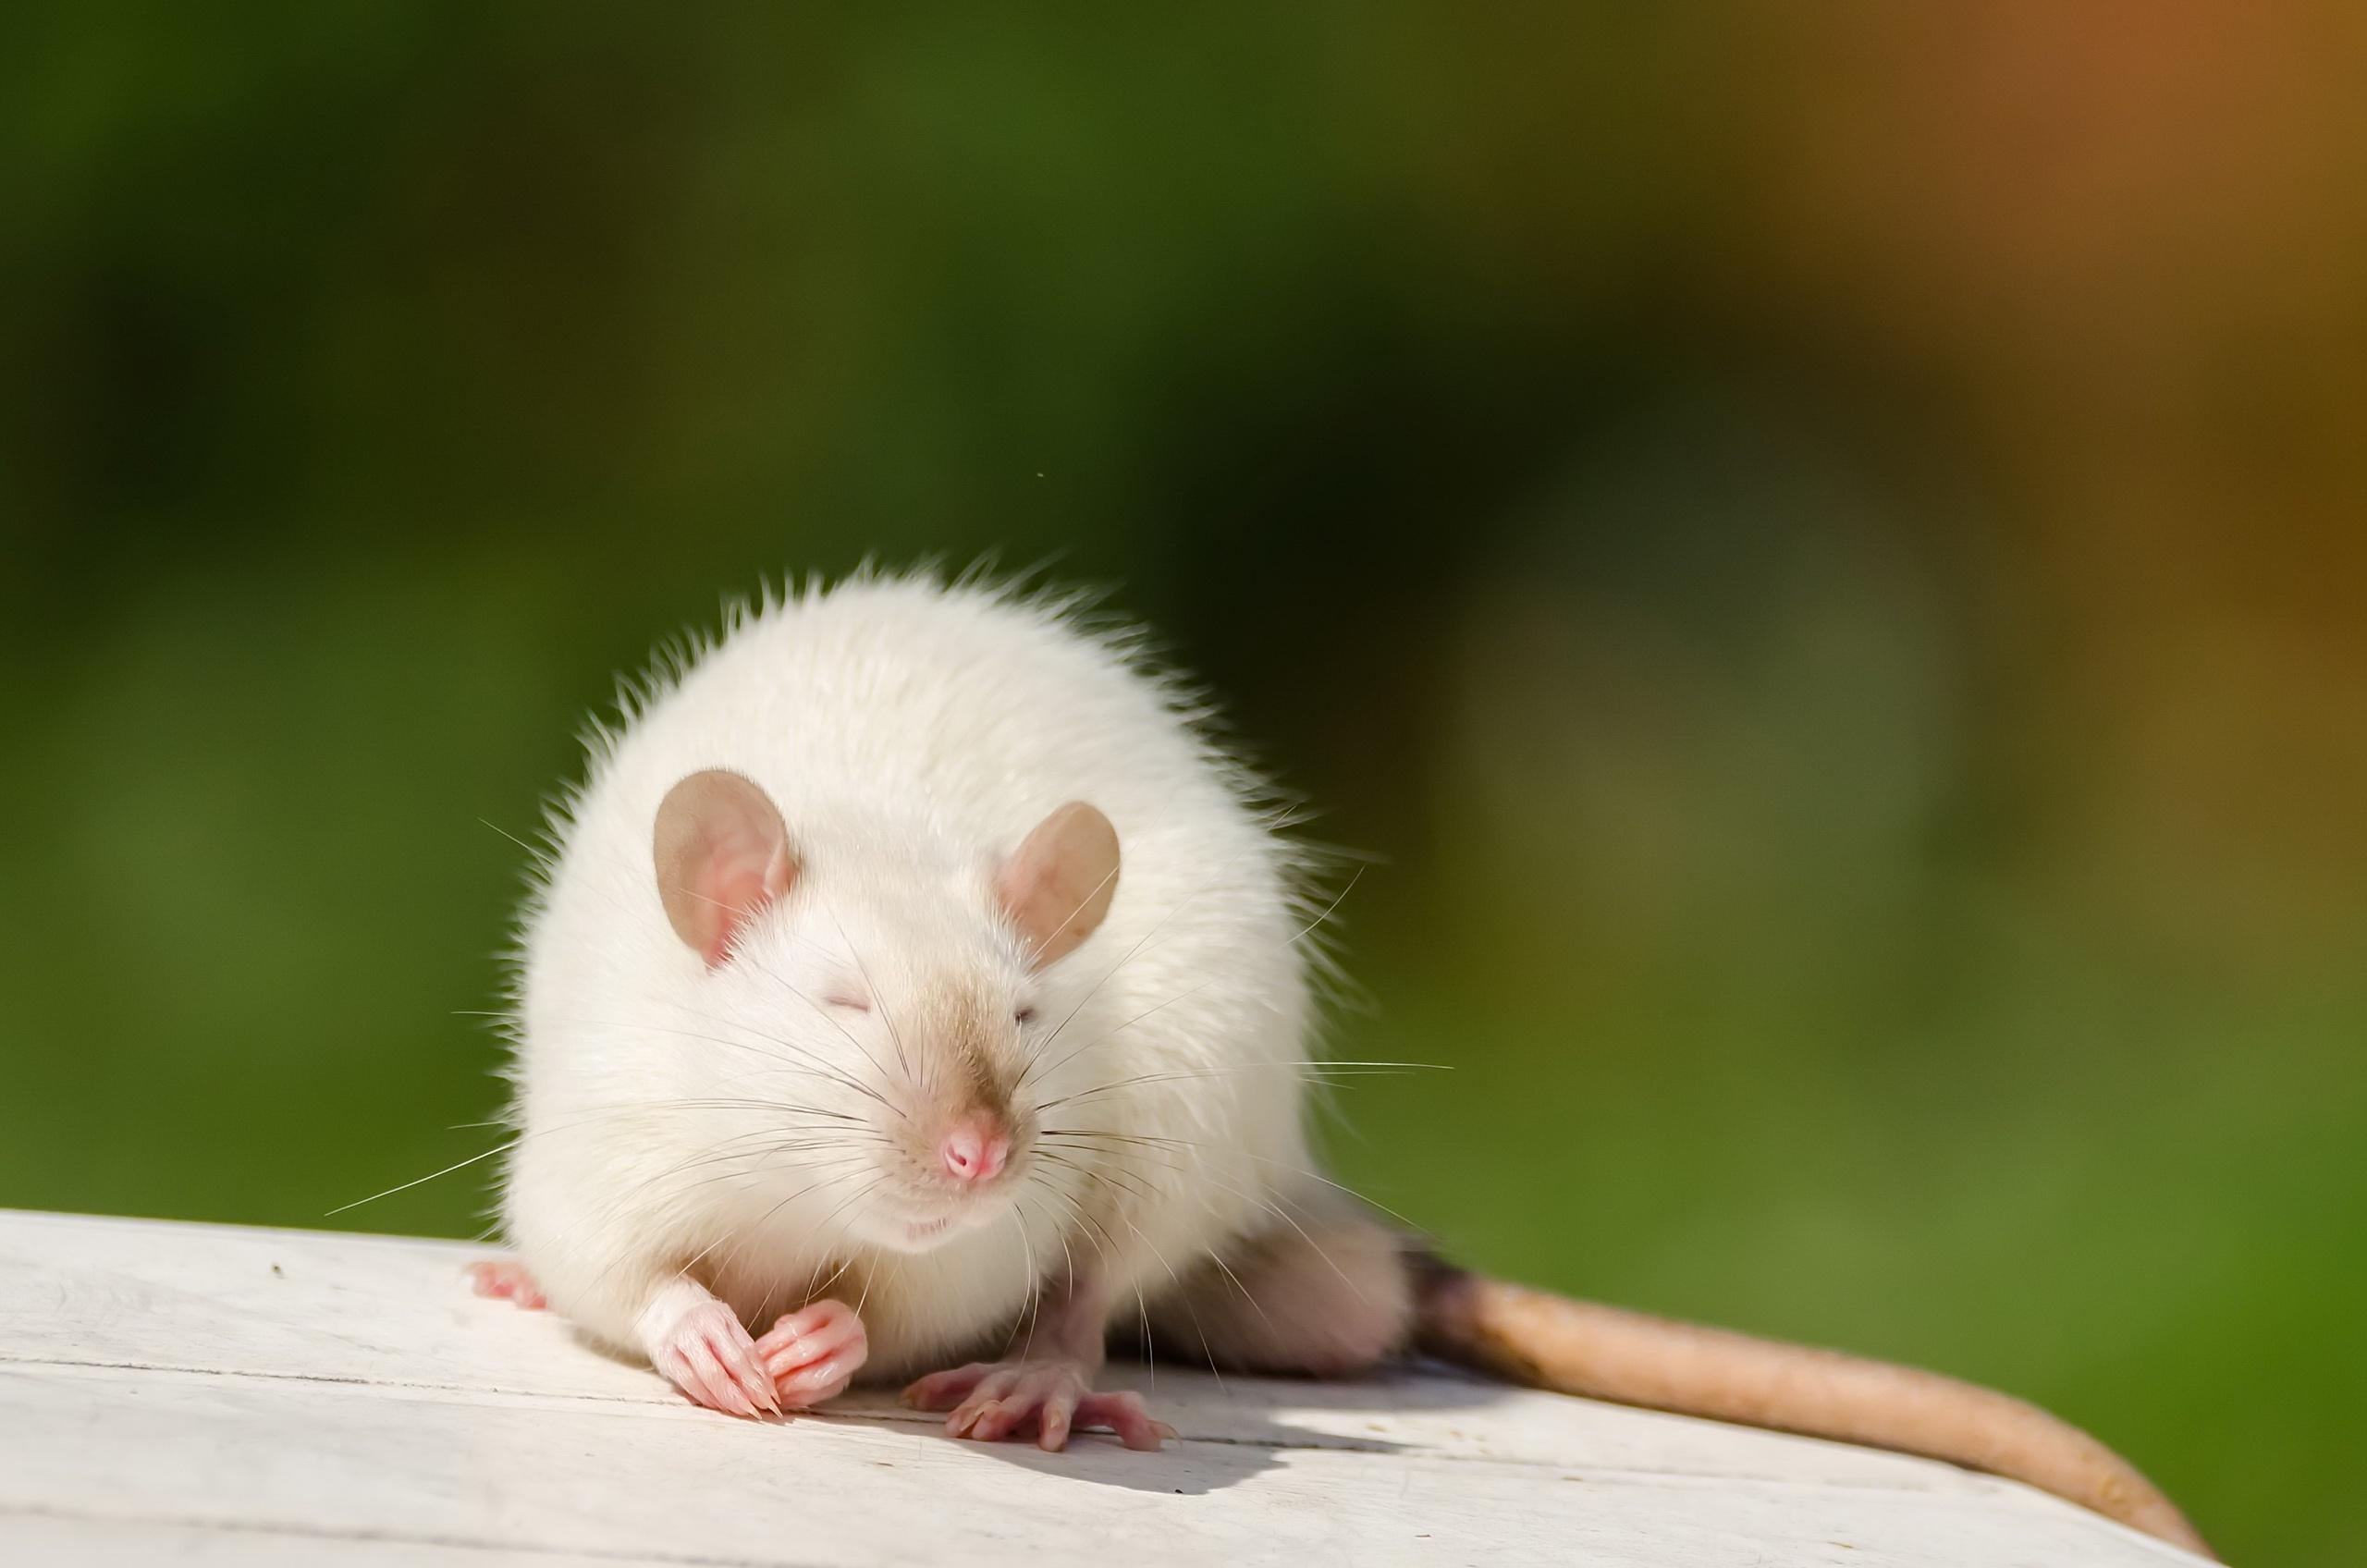 надеемся, что мышь затаилась картинка уже никого